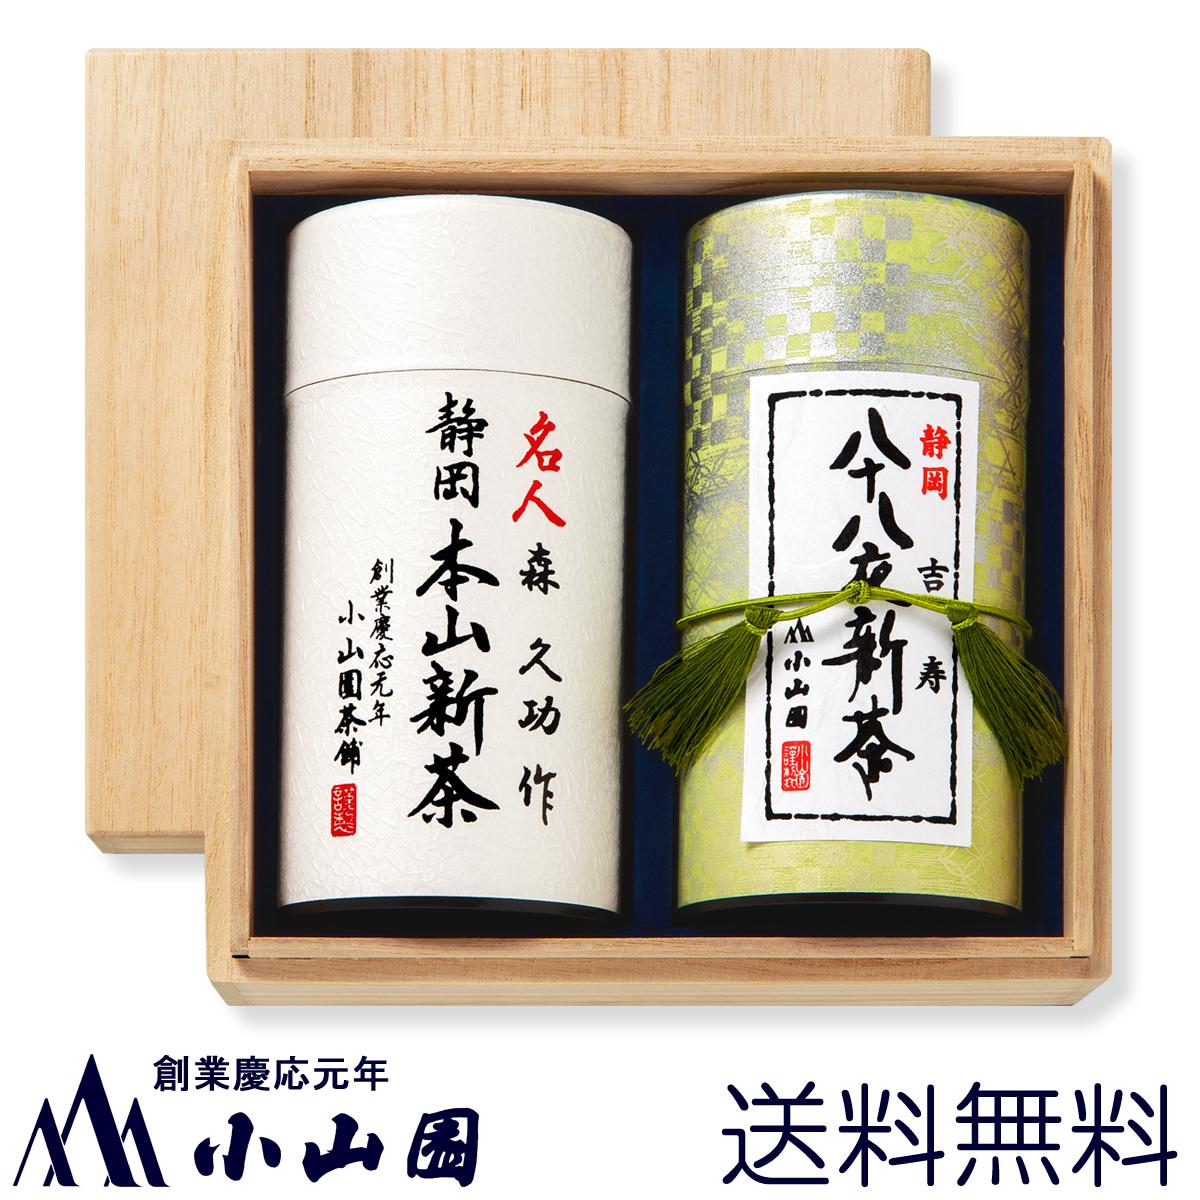 【全国送料無料】森 久功 作「本山新茶」・八十八夜新茶「吉寿」詰合せ